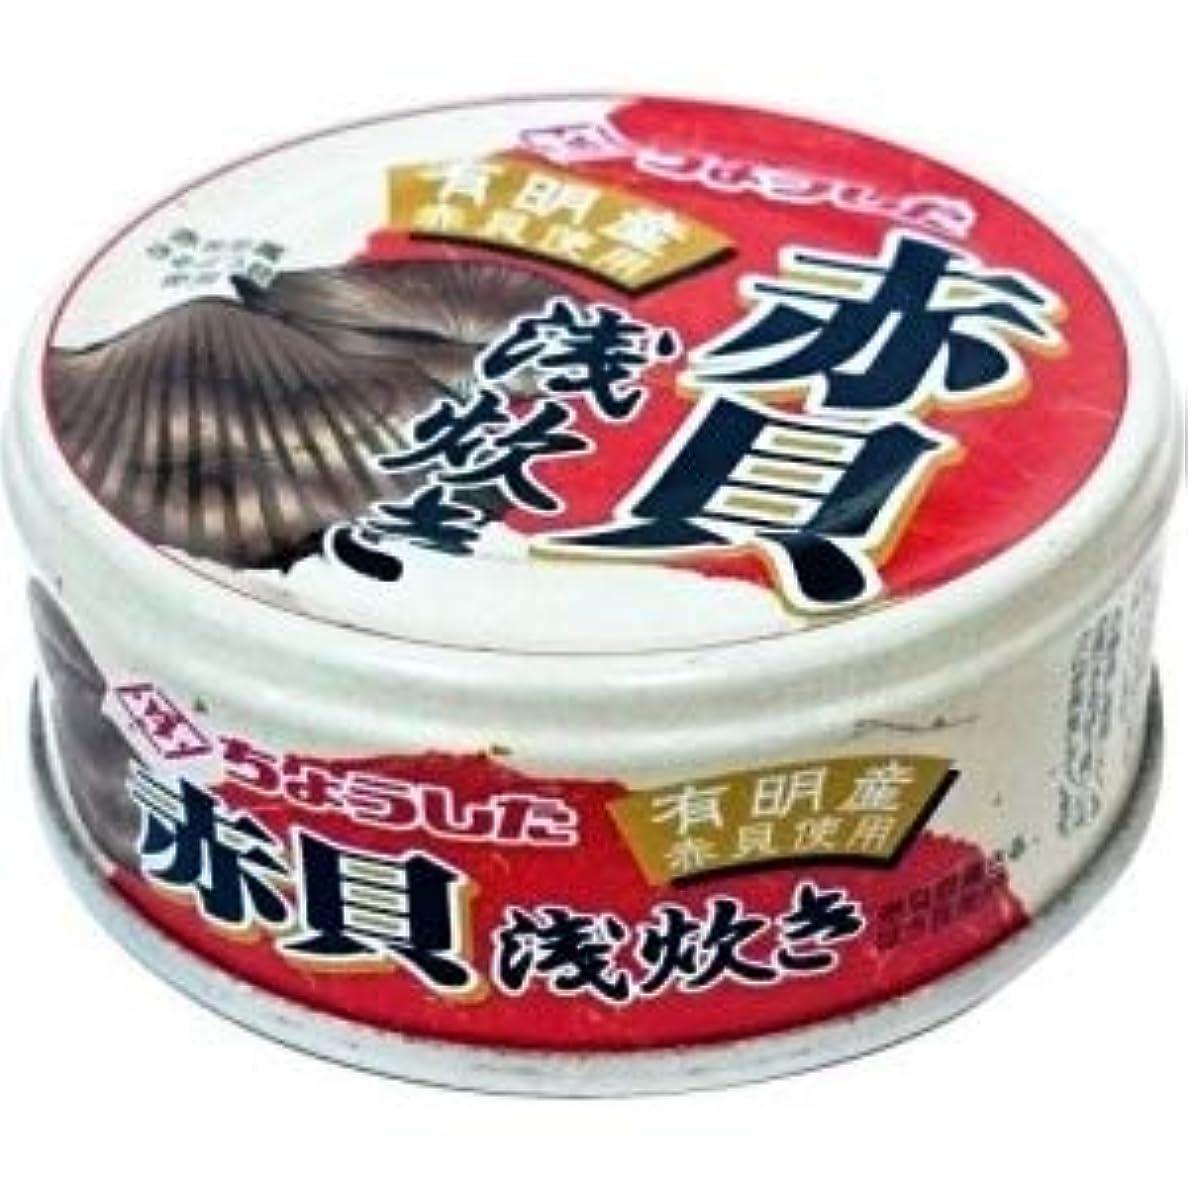 先駆者同行する慣らす【24缶】 ちょうした 有明産 赤貝 浅炊き EO缶 70g ×24缶